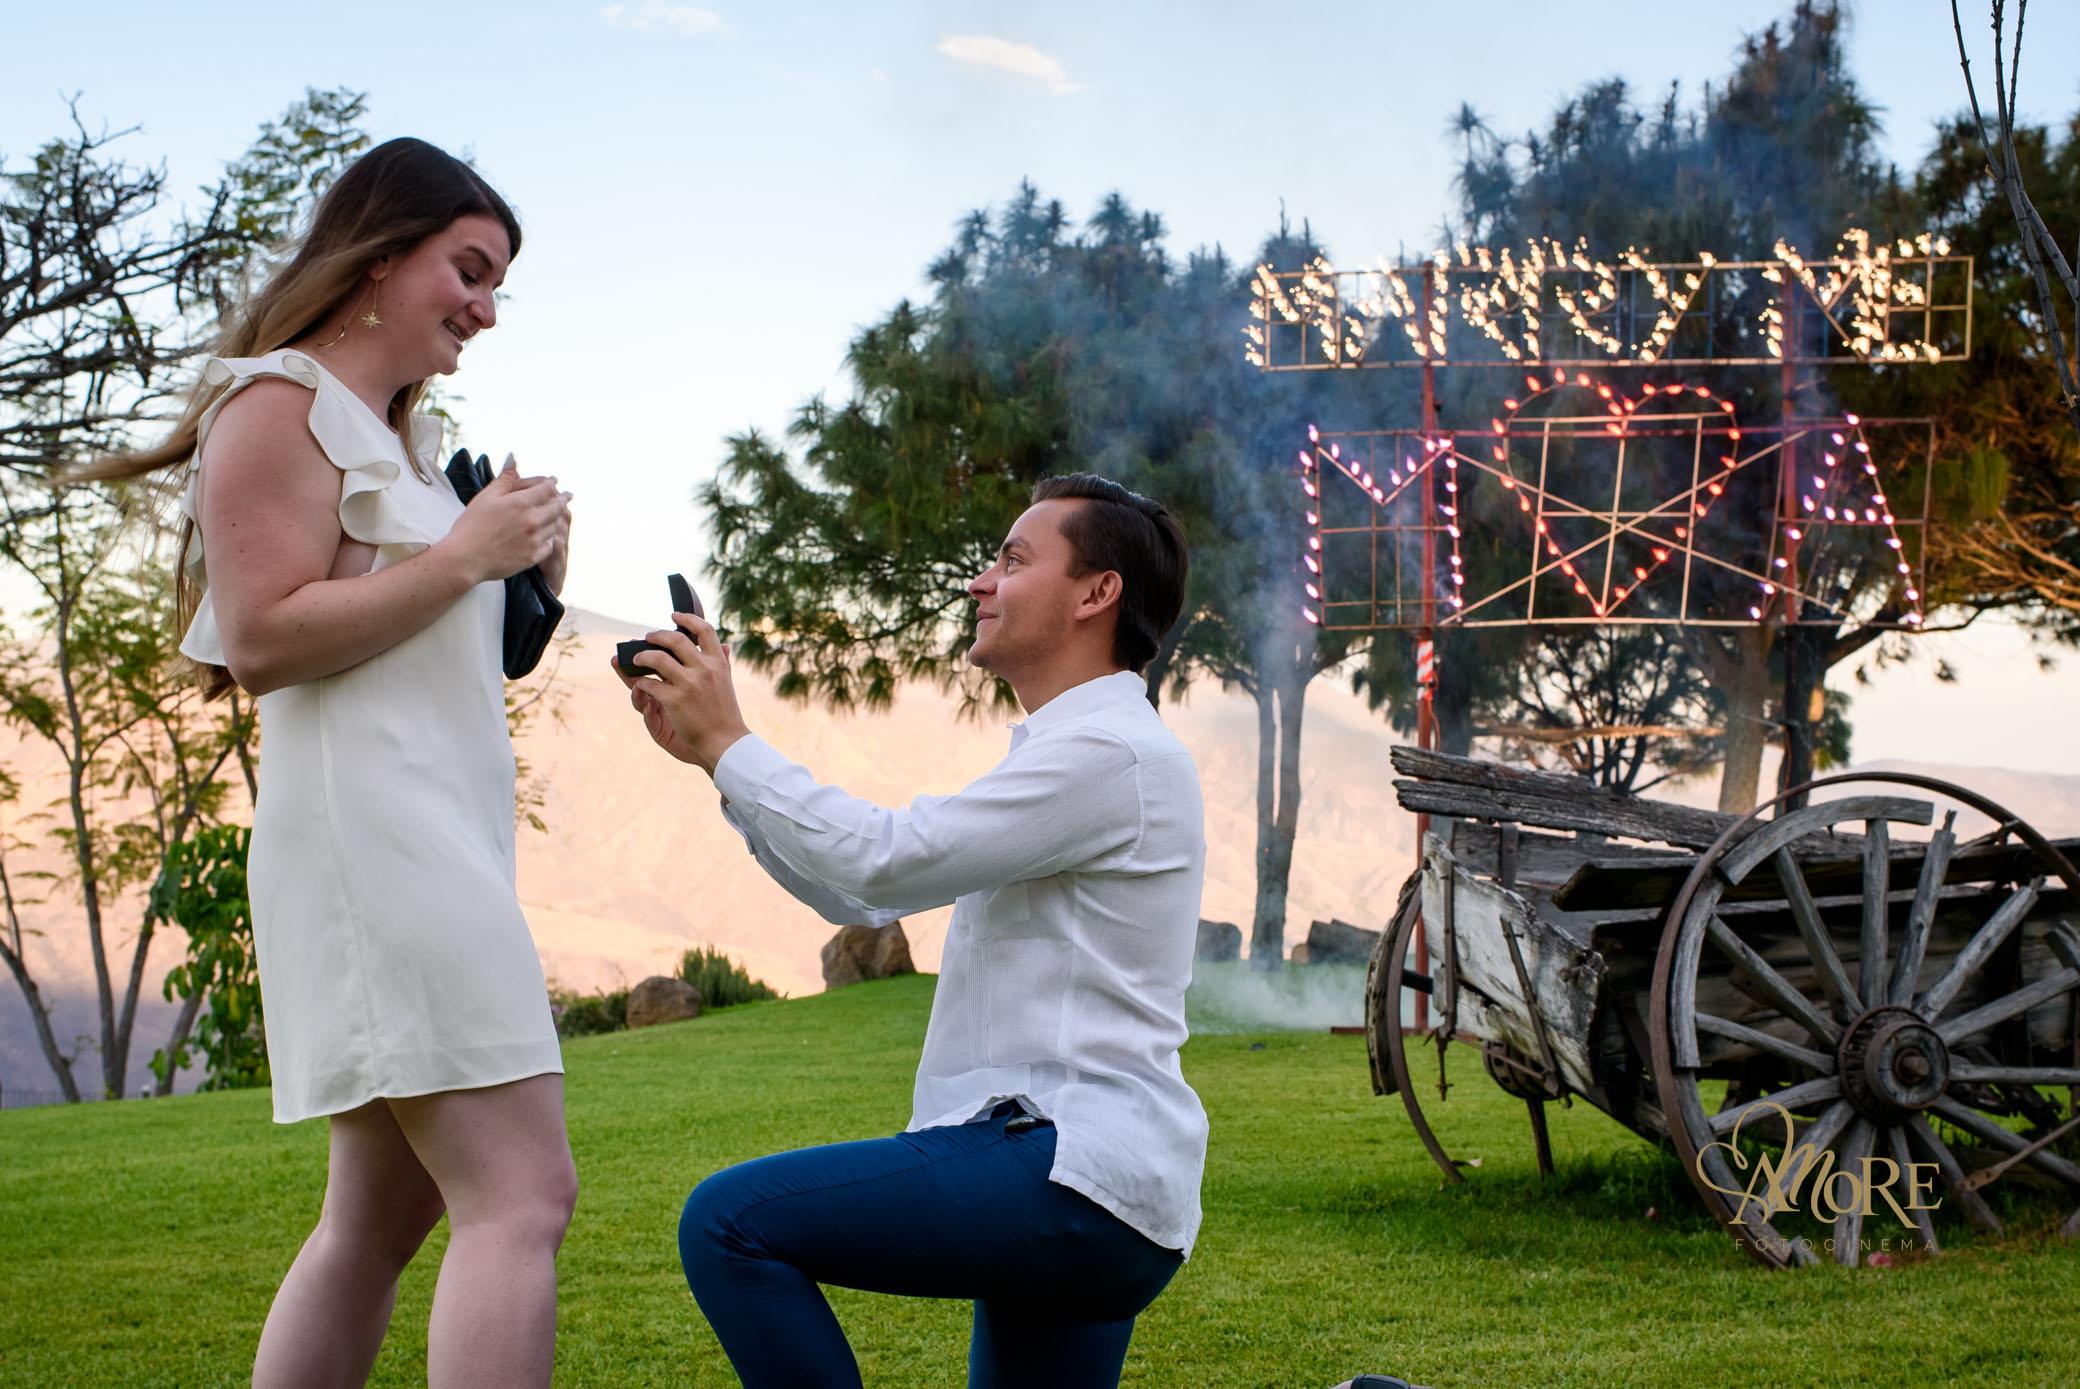 Fotografia y video en la entrega de anillo de compromiso en Guadalajara